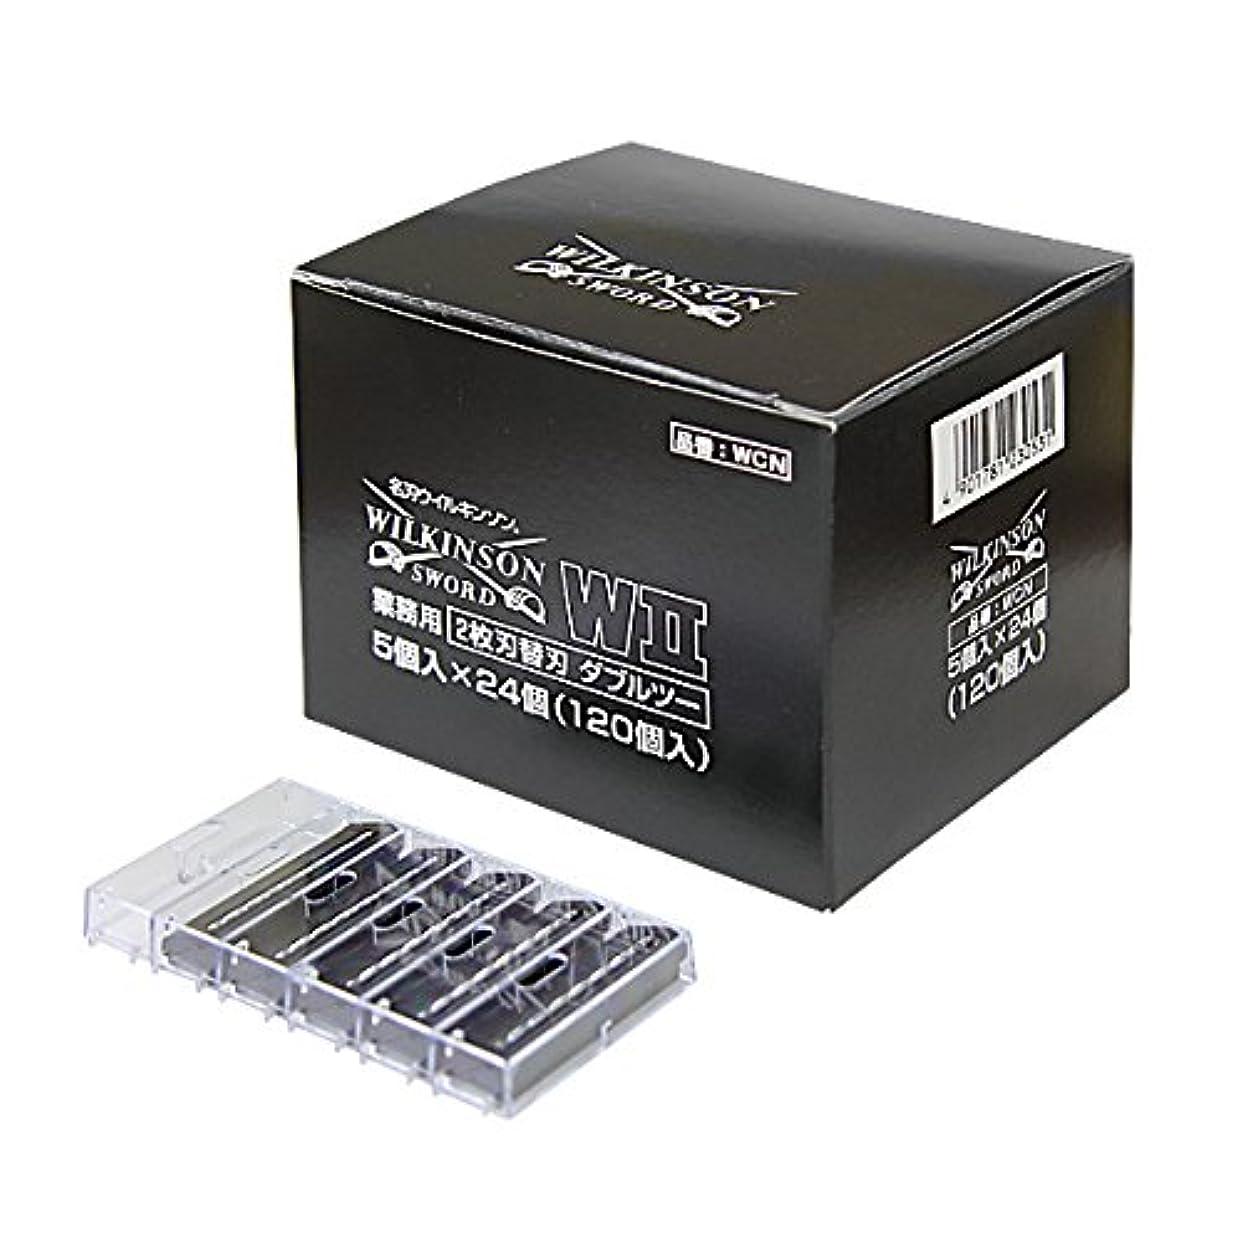 凍結オート積極的にウィルキンソン?ソード W2(ダブルツー)替刃 5個×24(1箱120個)二枚刃式 WILKINSON W2